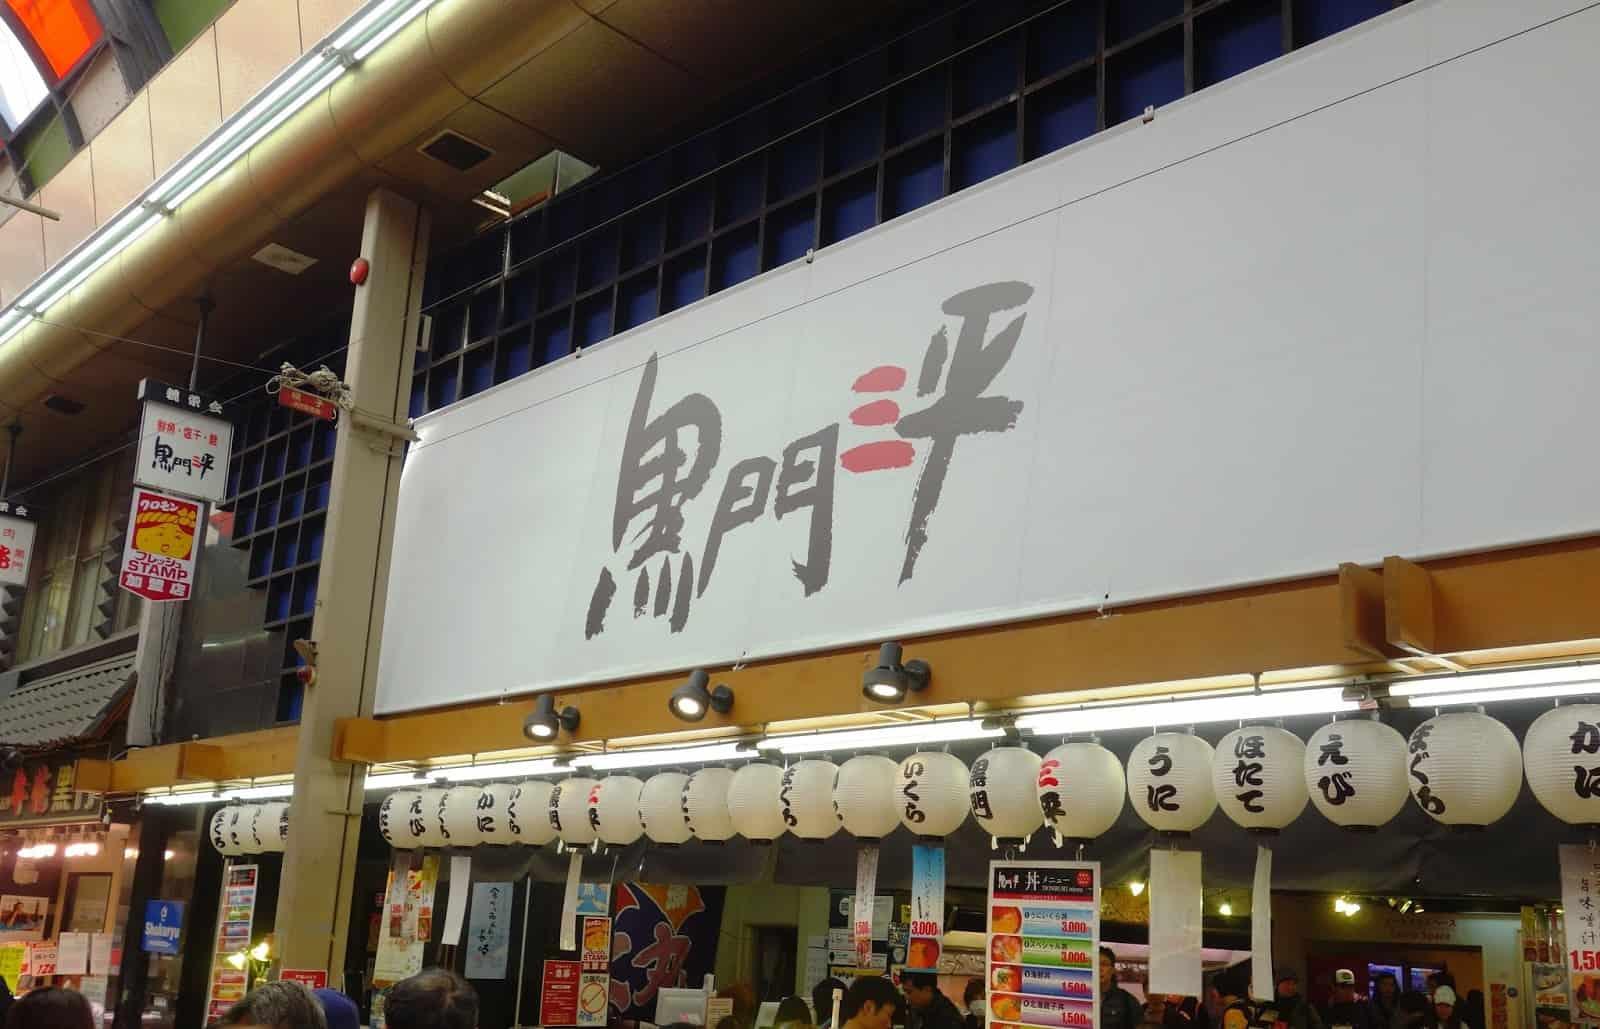 คุโรมง ซัมเป (Kuromon Sanpei : 黒門三平) - ตลาดปลาคุโรมง (Kuromon Fish Market)